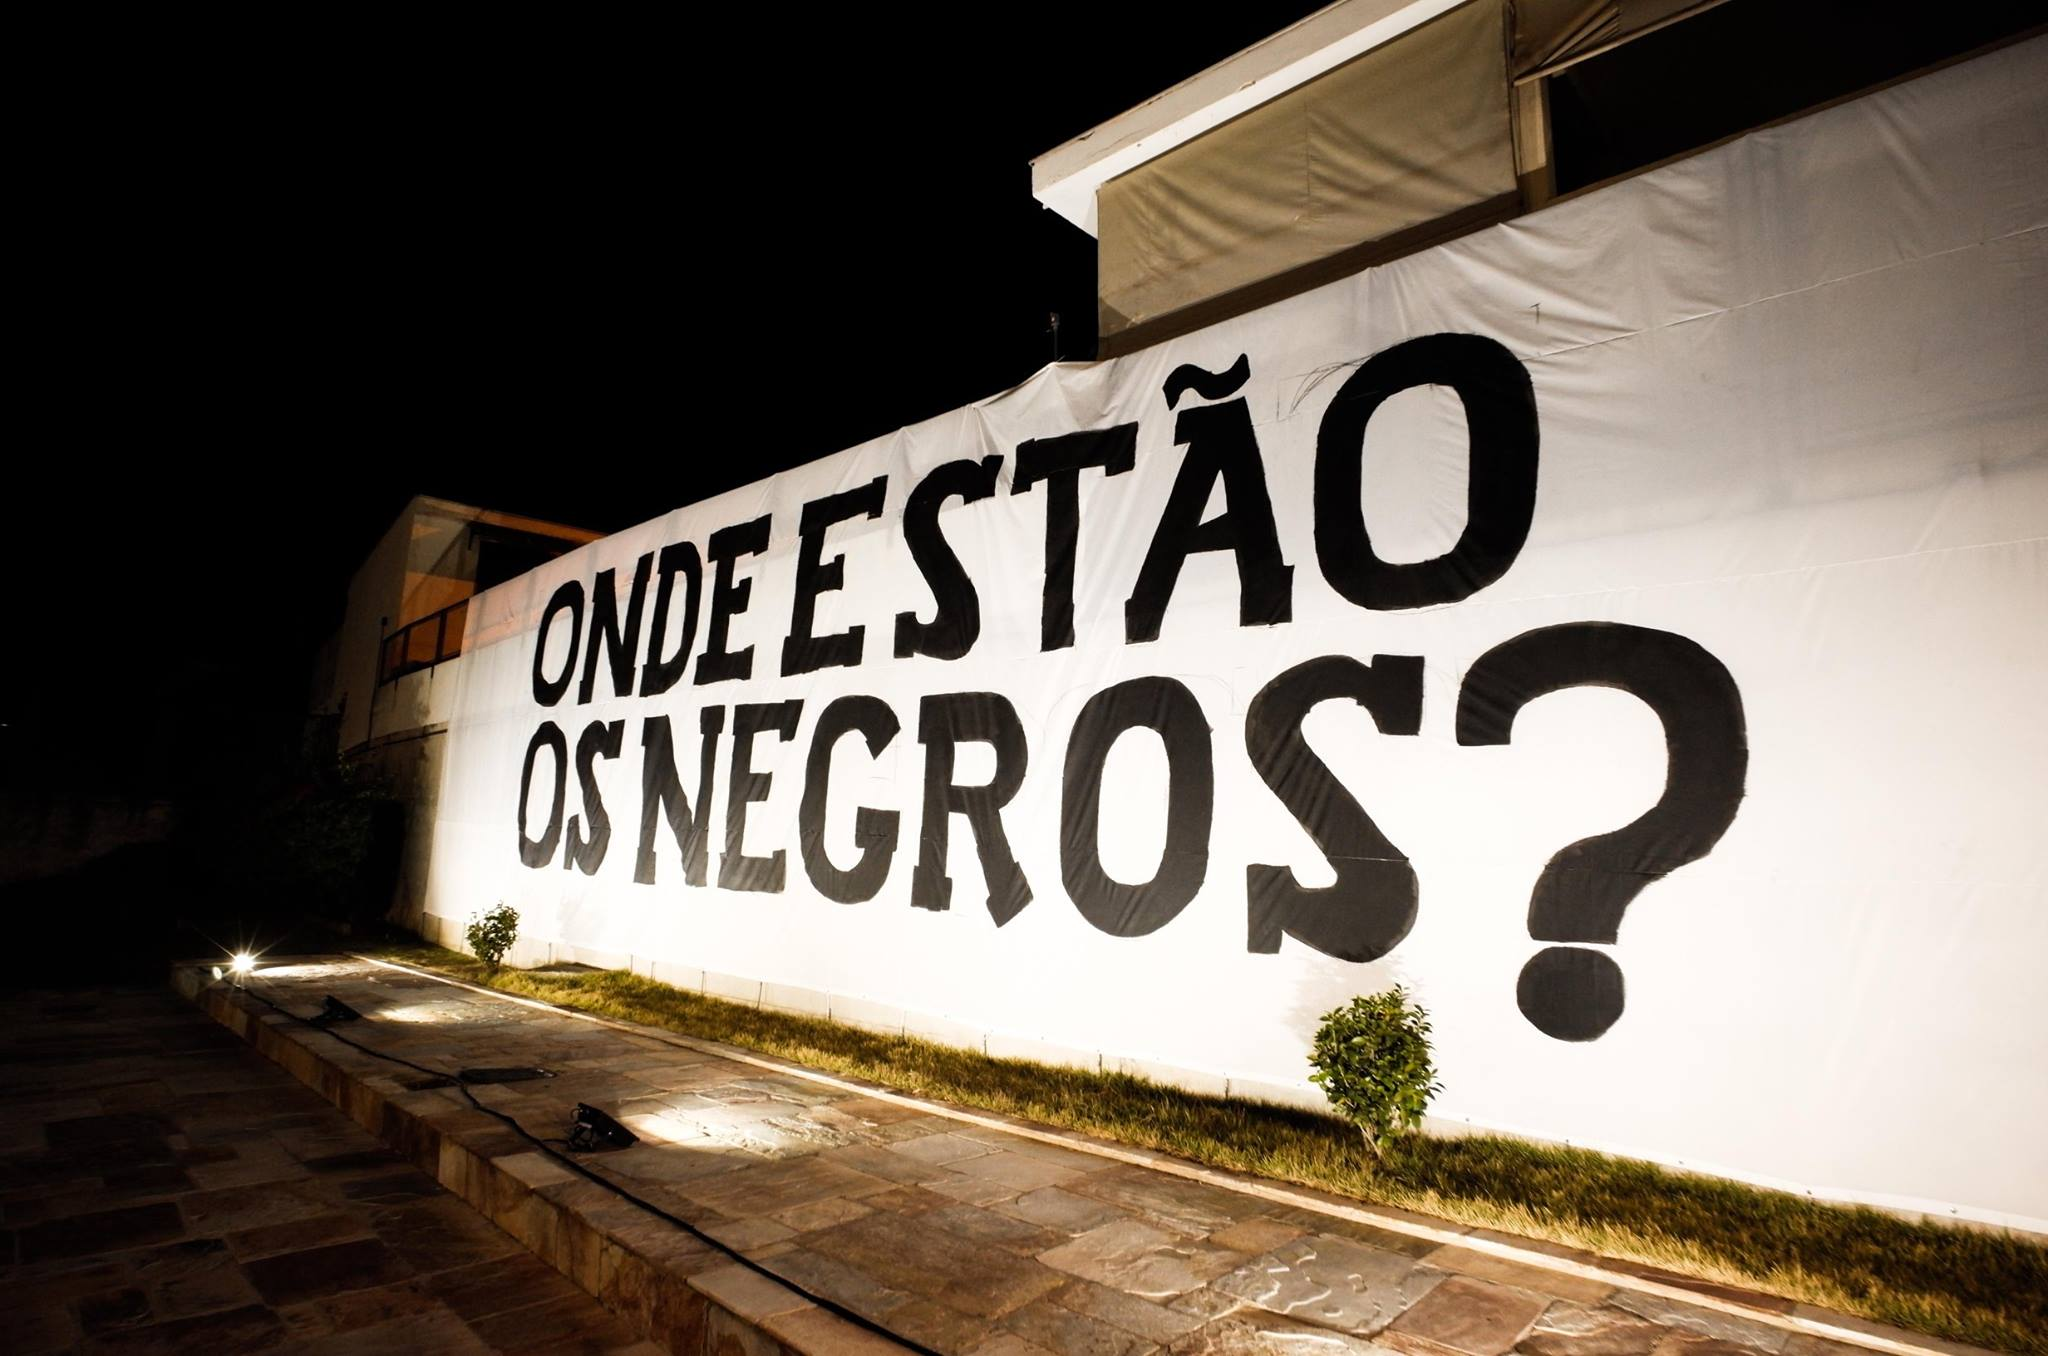 O coletivo Frente 3 de Fevereiro participa da mostra que traz a discussão de temas brasileiros